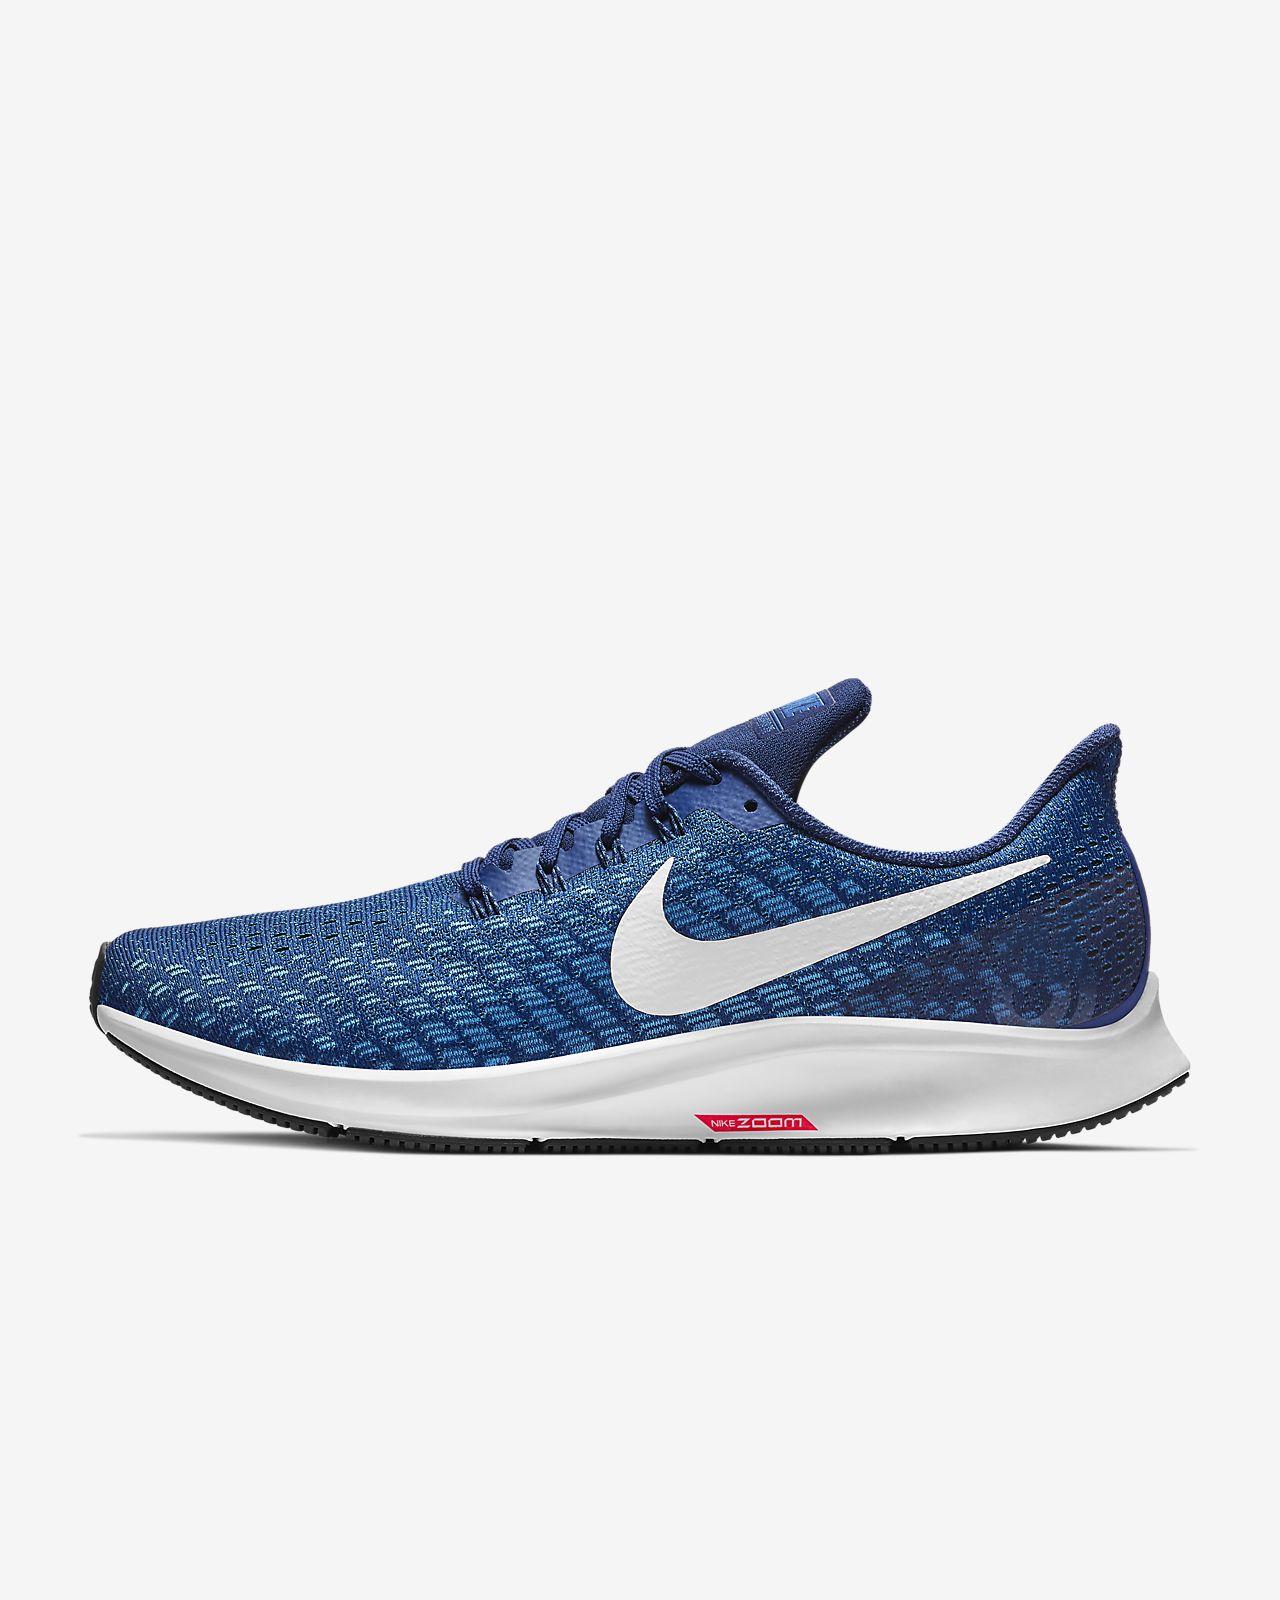 ab965df6f7957 Calzado de running para hombre Nike Air Zoom Pegasus 35. Nike.com MX